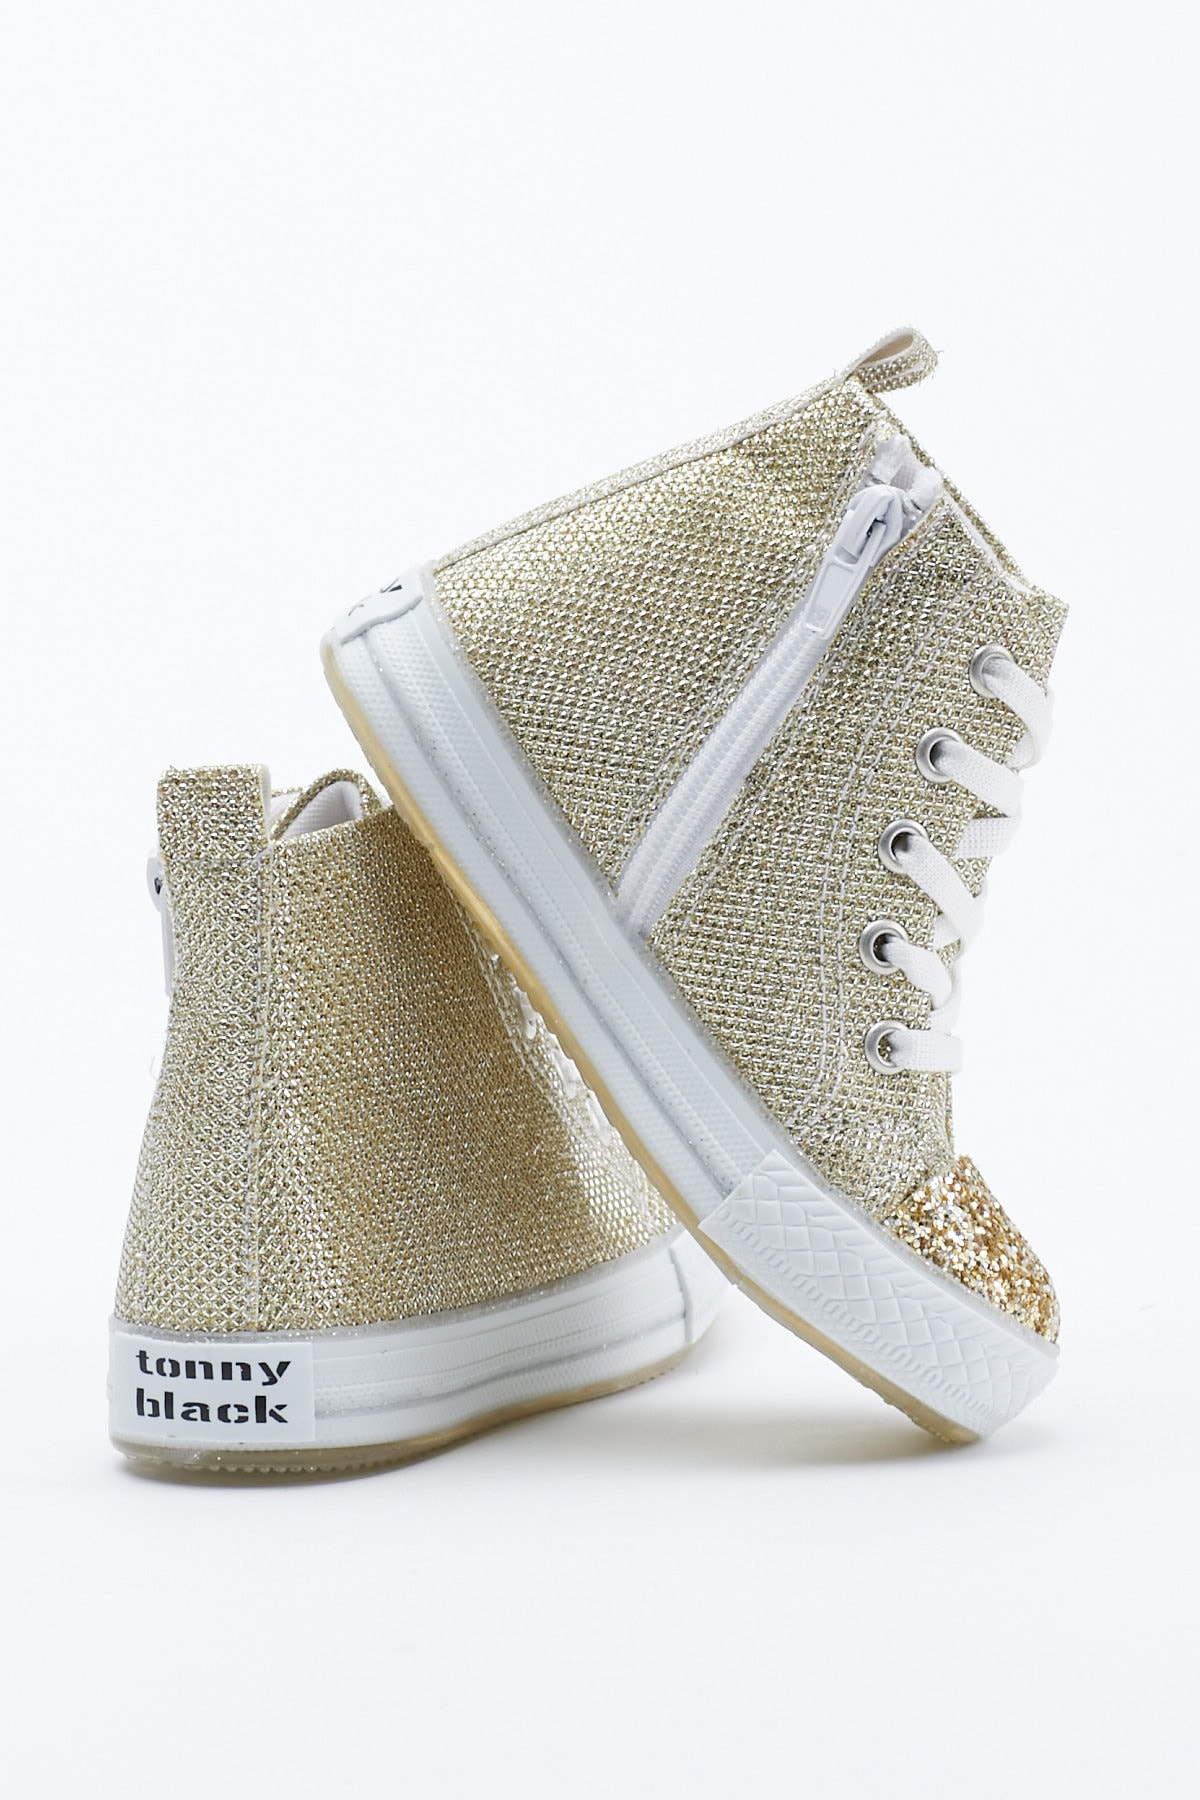 Tonny Black Altın Çocuk Spor Ayakkabı Uzun Tb999 1